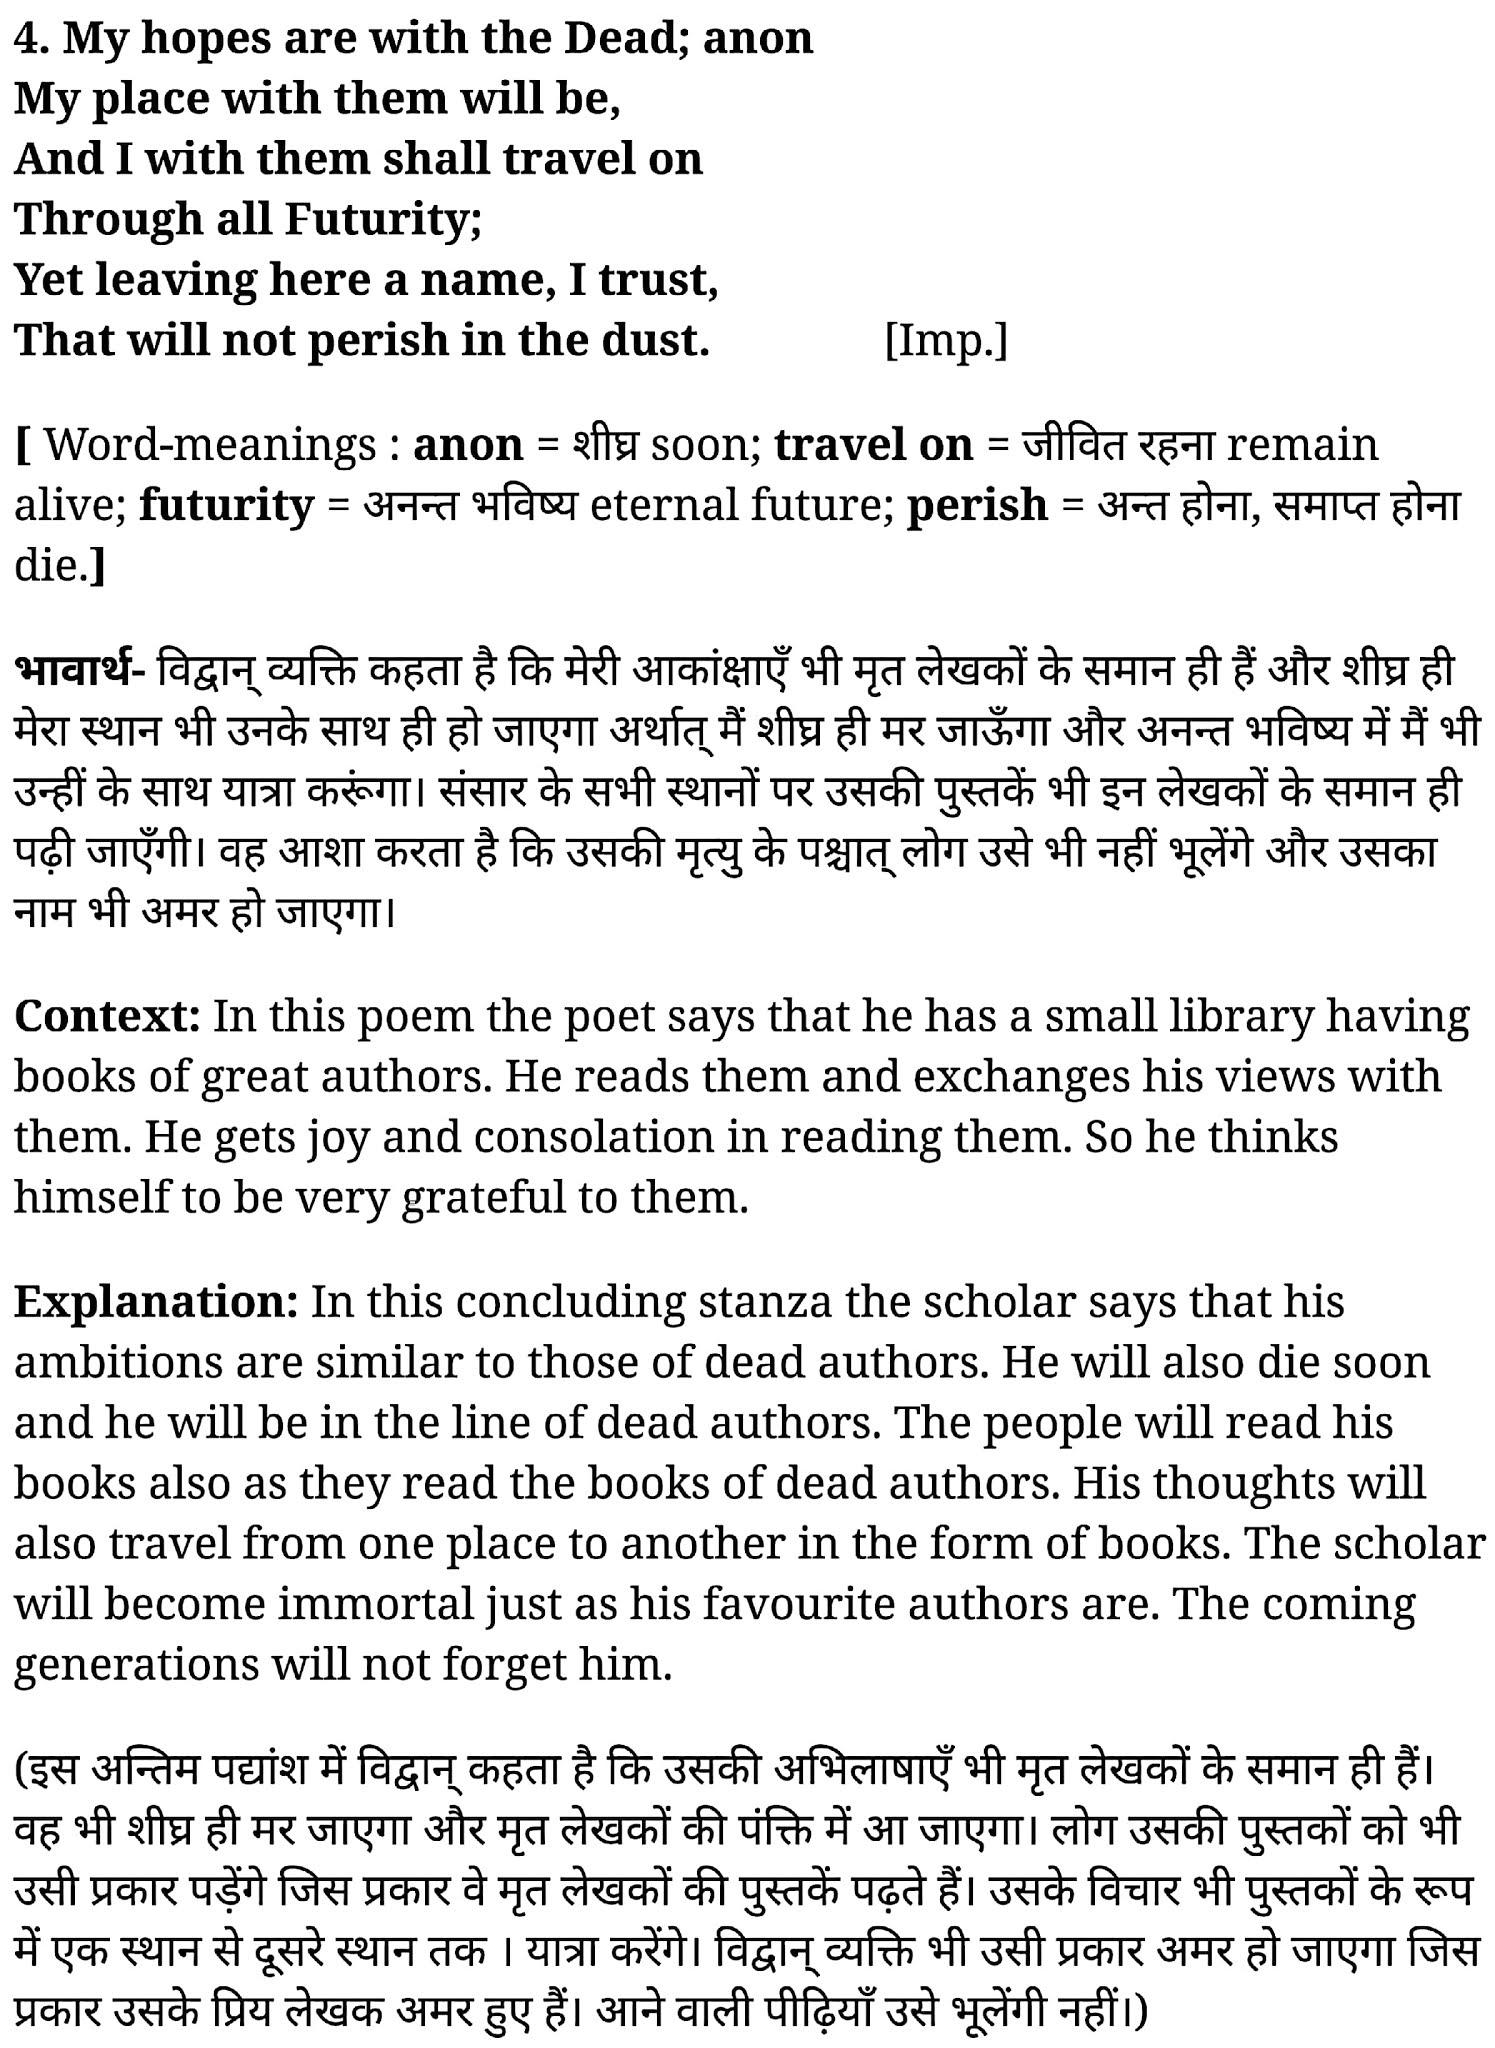 कक्षा 11 अंग्रेज़ी Poetry अध्याय 2  के नोट्स हिंदी में एनसीईआरटी समाधान,   class 11 english Poetry chapter 2,  class 11 english Poetry chapter 2 ncert solutions in hindi,  class 11 english Poetry chapter 2 notes in hindi,  class 11 english Poetry chapter 2 question answer,  class 11 english Poetry chapter 2 notes,  11   class Poetry chapter 2 Poetry chapter 2 in hindi,  class 11 english Poetry chapter 2 in hindi,  class 11 english Poetry chapter 2 important questions in hindi,  class 11 english  chapter 2 notes in hindi,  class 11 english Poetry chapter 2 test,  class 11 english  chapter 1Poetry chapter 2 pdf,  class 11 english Poetry chapter 2 notes pdf,  class 11 english Poetry chapter 2 exercise solutions,  class 11 english Poetry chapter 1, class 11 english Poetry chapter 2 notes study rankers,  class 11 english Poetry chapter 2 notes,  class 11 english  chapter 2 notes,   Poetry chapter 2  class 11  notes pdf,  Poetry chapter 2 class 11  notes 2021 ncert,   Poetry chapter 2 class 11 pdf,    Poetry chapter 2  book,     Poetry chapter 2 quiz class 11  ,       11  th Poetry chapter 2    book up board,       up board 11  th Poetry chapter 2 notes,  कक्षा 11 अंग्रेज़ी Poetry अध्याय 2 , कक्षा 11 अंग्रेज़ी का Poetry अध्याय 2  ncert solution in hindi, कक्षा 11 अंग्रेज़ी के Poetry अध्याय 2  के नोट्स हिंदी में, कक्षा 11 का अंग्रेज़ीPoetry अध्याय 2 का प्रश्न उत्तर, कक्षा 11 अंग्रेज़ी Poetry अध्याय 2 के नोट्स, 11 कक्षा अंग्रेज़ी Poetry अध्याय 2   हिंदी में,कक्षा 11 अंग्रेज़ी Poetry अध्याय 2  हिंदी में, कक्षा 11 अंग्रेज़ी Poetry अध्याय 2  महत्वपूर्ण प्रश्न हिंदी में,कक्षा 11 के अंग्रेज़ी के नोट्स हिंदी में,अंग्रेज़ी कक्षा 11 नोट्स pdf,  अंग्रेज़ी  कक्षा 11 नोट्स 2021 ncert,  अंग्रेज़ी  कक्षा 11 pdf,  अंग्रेज़ी  पुस्तक,  अंग्रेज़ी की बुक,  अंग्रेज़ी  प्रश्नोत्तरी class 11  , 11   वीं अंग्रेज़ी  पुस्तक up board,  बिहार बोर्ड 11  पुस्तक वीं अंग्रेज़ी नोट्स,    11th Prose chapter 1   book in hindi,11  th Prose chapter 1 notes in hindi,cbse books for class 11  ,cbse books in hin